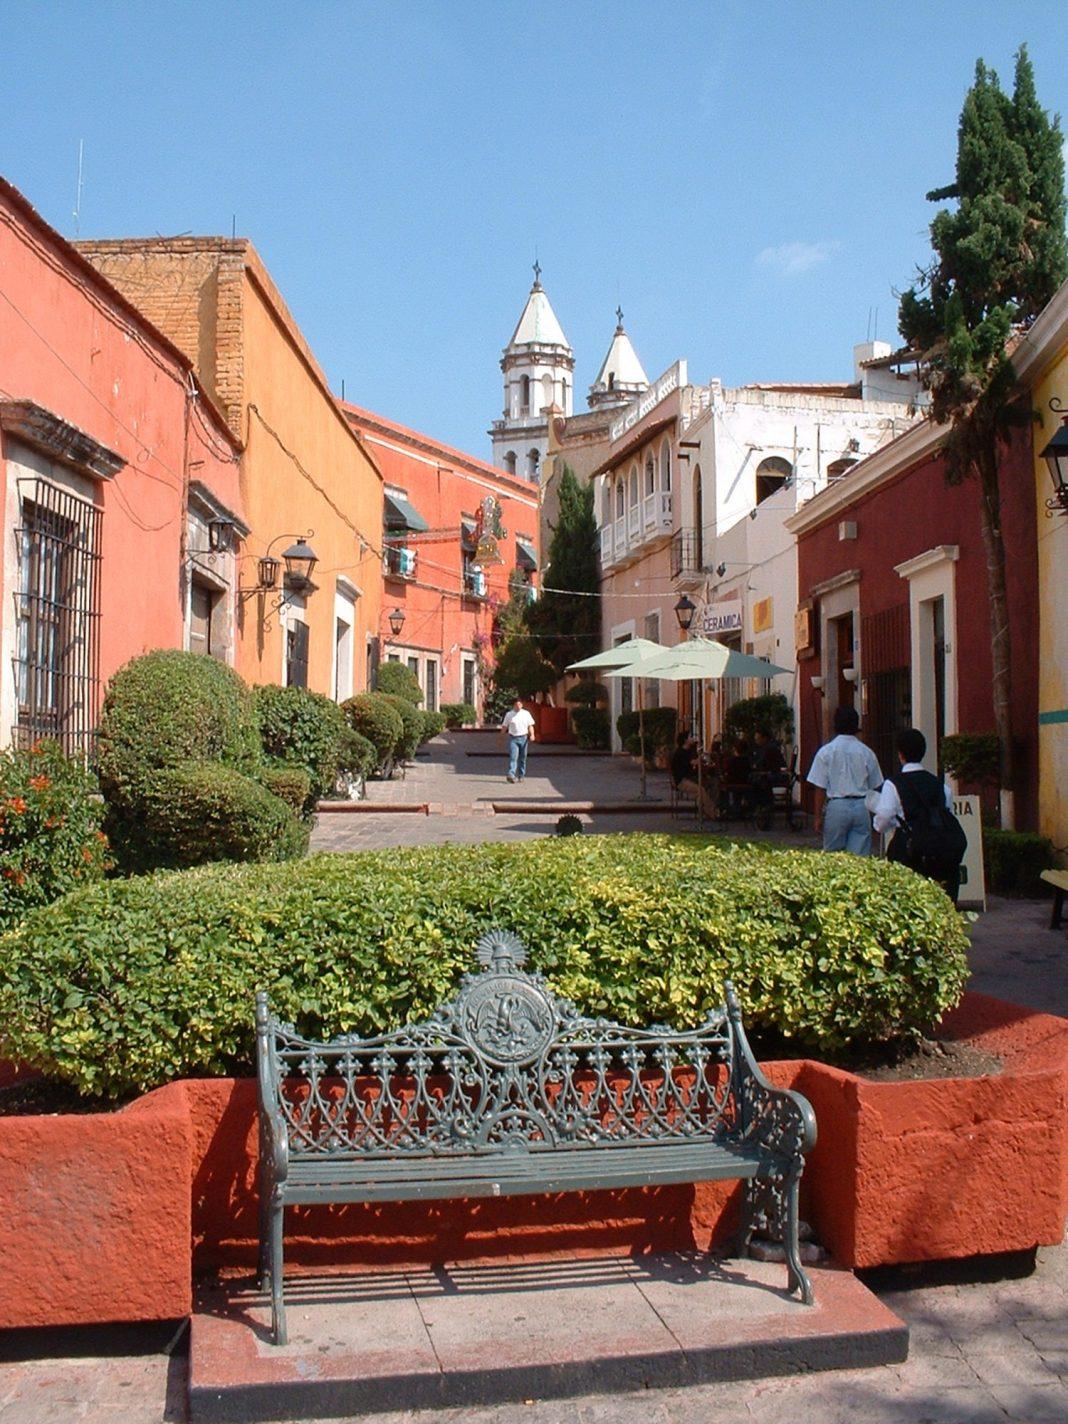 Foto: Päuschen in Querétaro